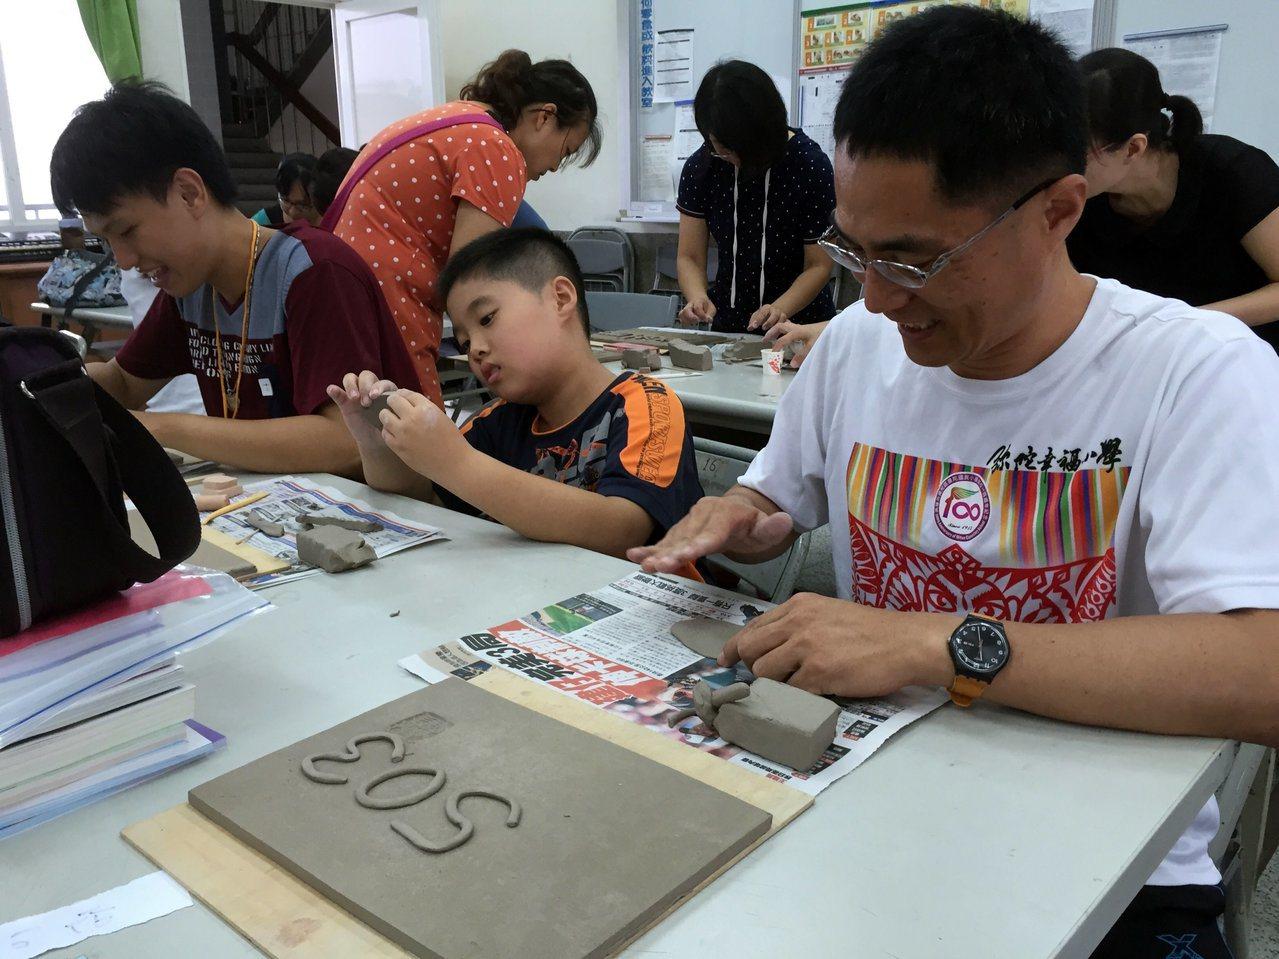 彌陀國小學生與社區住戶一起做門牌。圖/高雄市教育局提供